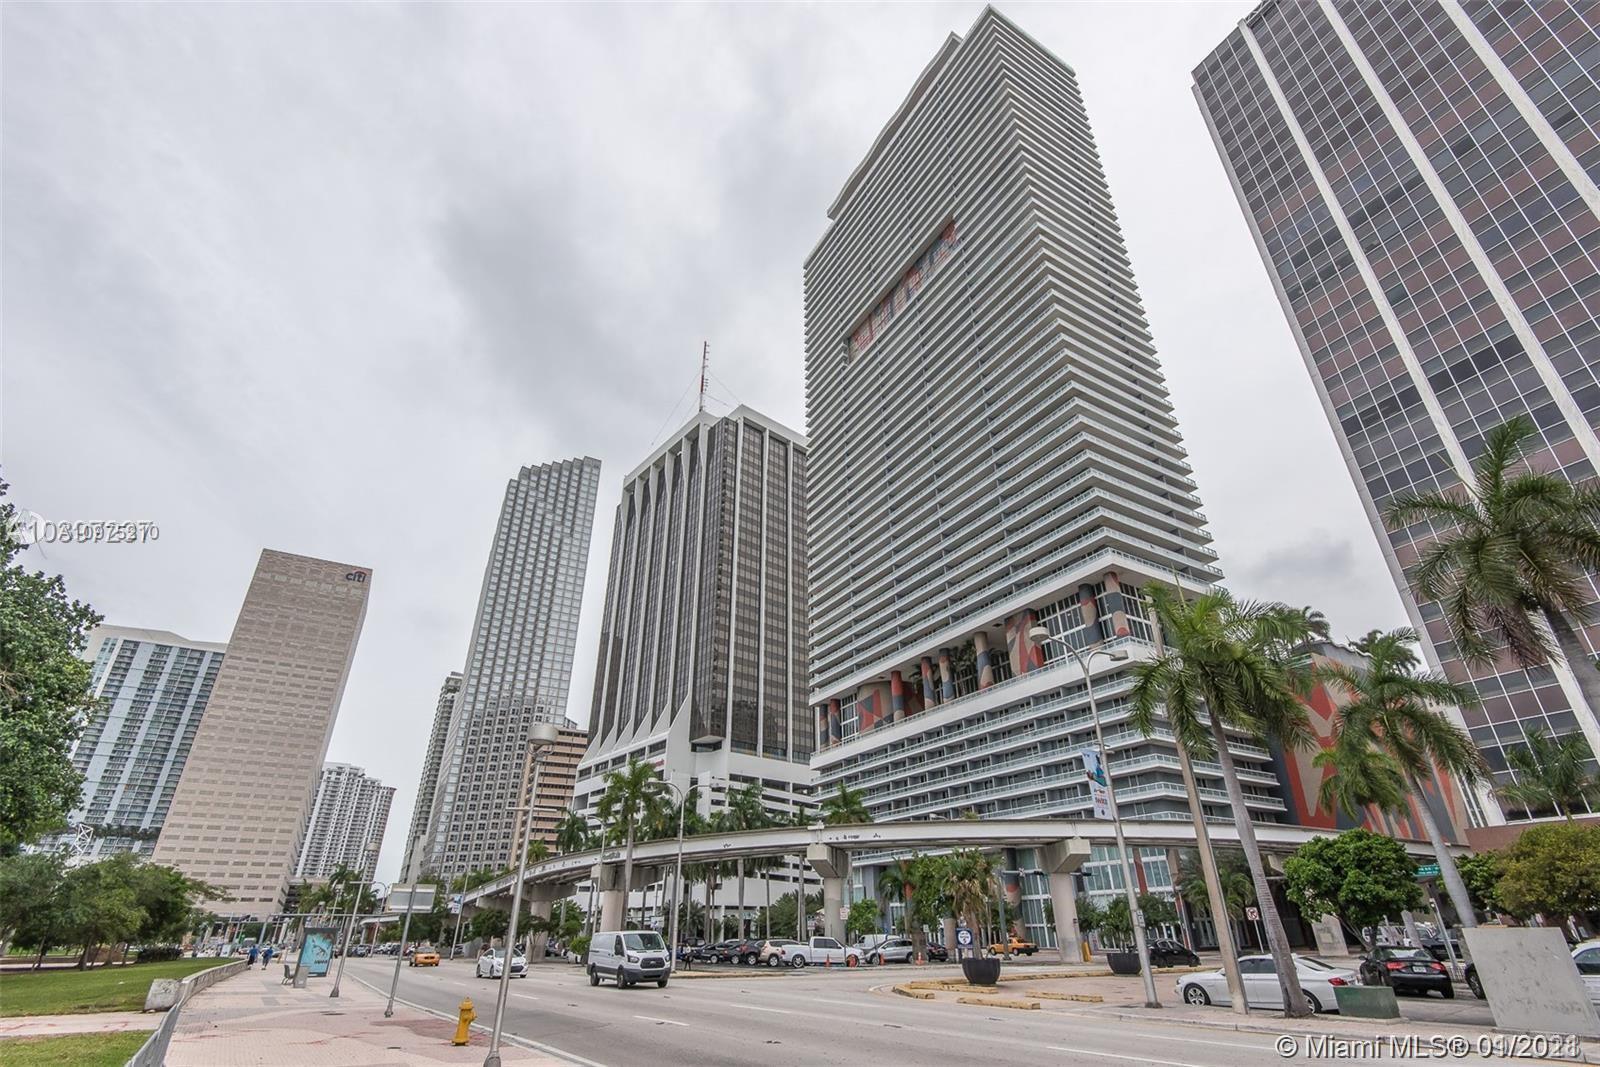 50 Biscayne #4405 - 50 Biscayne Blvd #4405, Miami, FL 33132